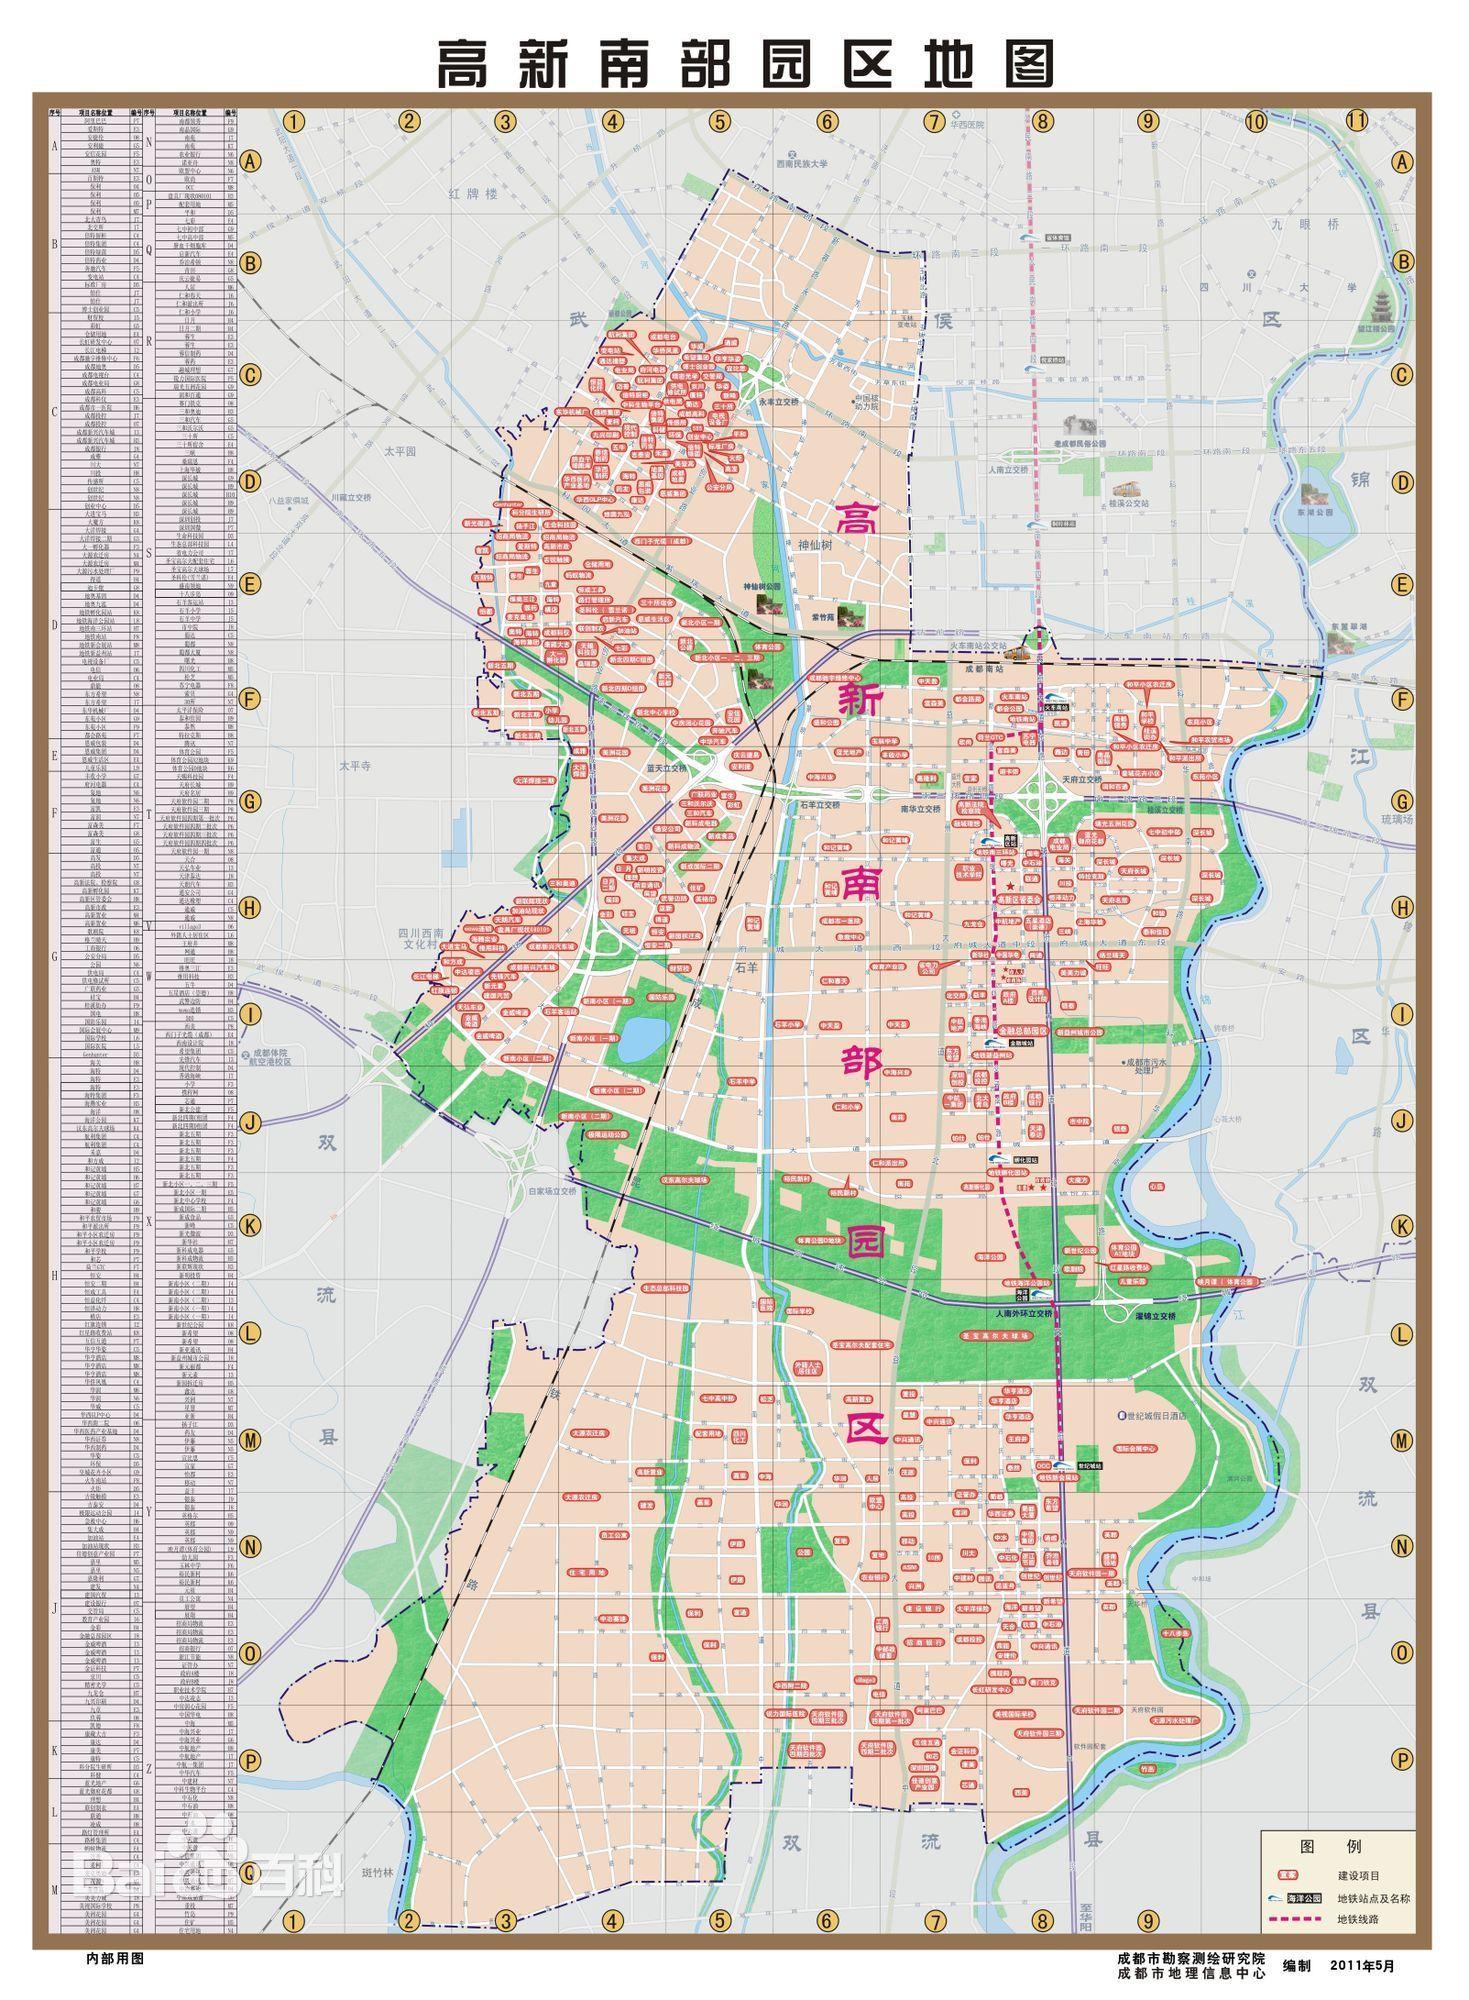 成都市中和镇_成都高新区很大吗,其位置在那里?_百度知道